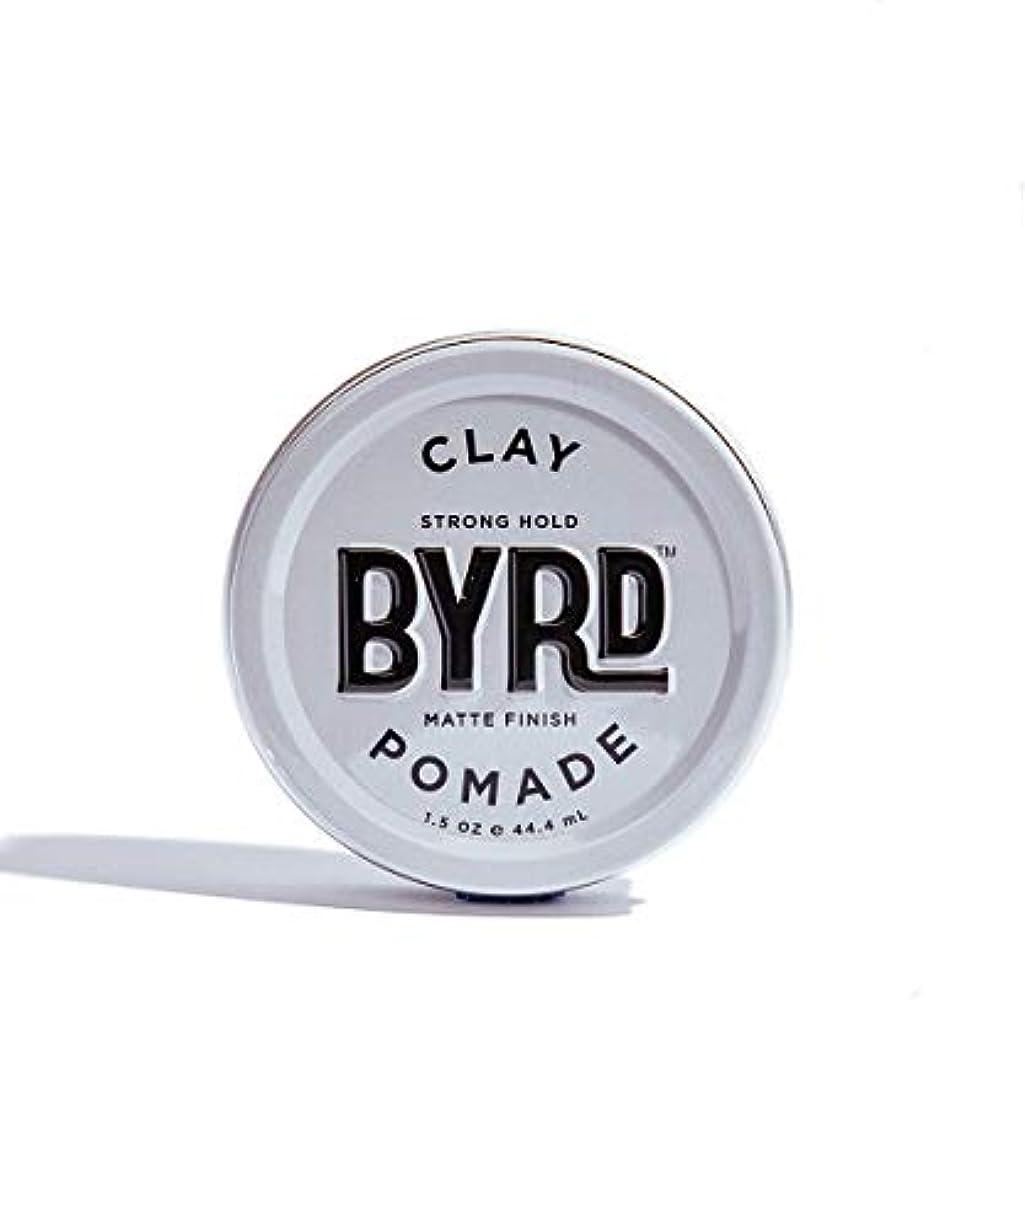 悪因子化学者背骨BYRD/クレイポマード 42g メンズコスメ ワックス ヘアスタイリング かっこいい モテ髪